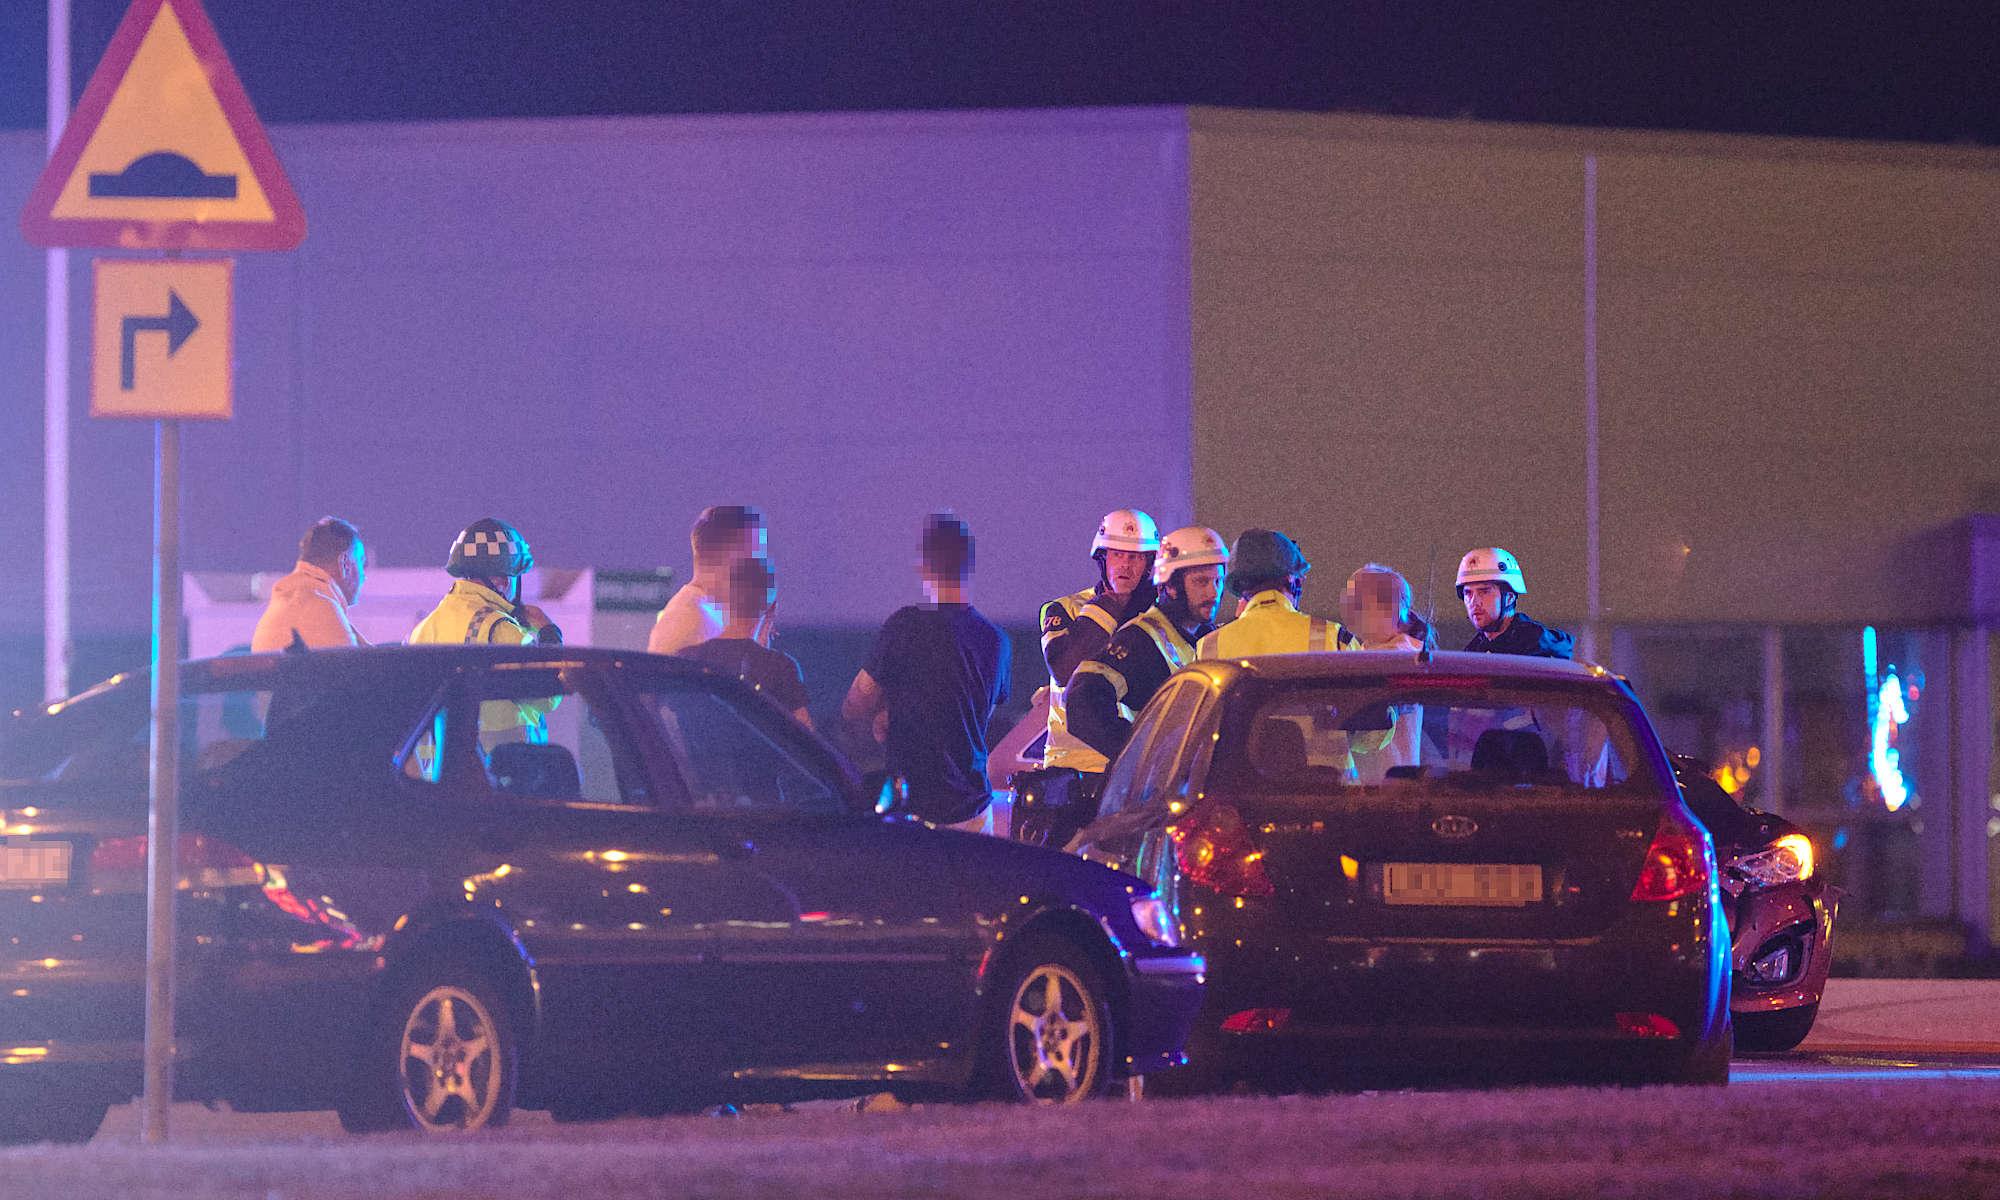 Trafikolycka utanför McDonalds i Ängelholm